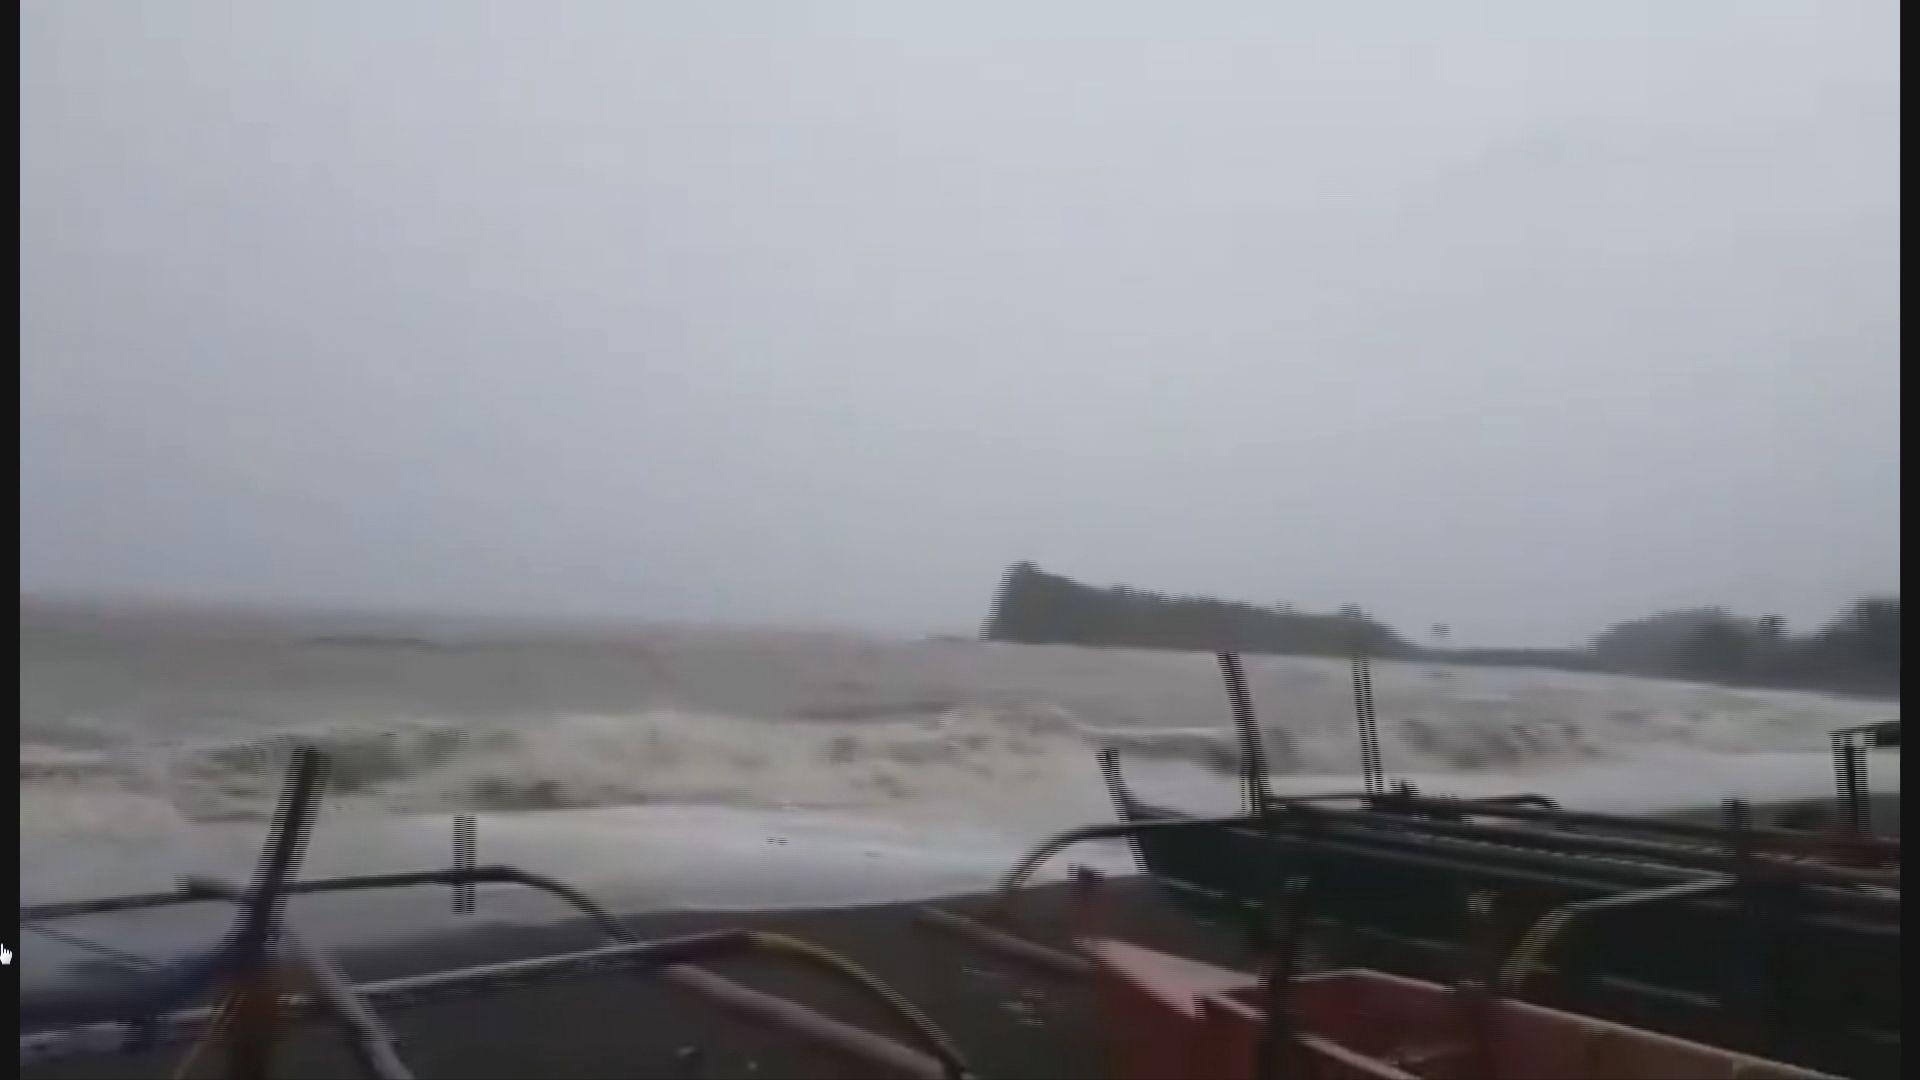 山竹逼近呂宋 風暴潮或高達6米